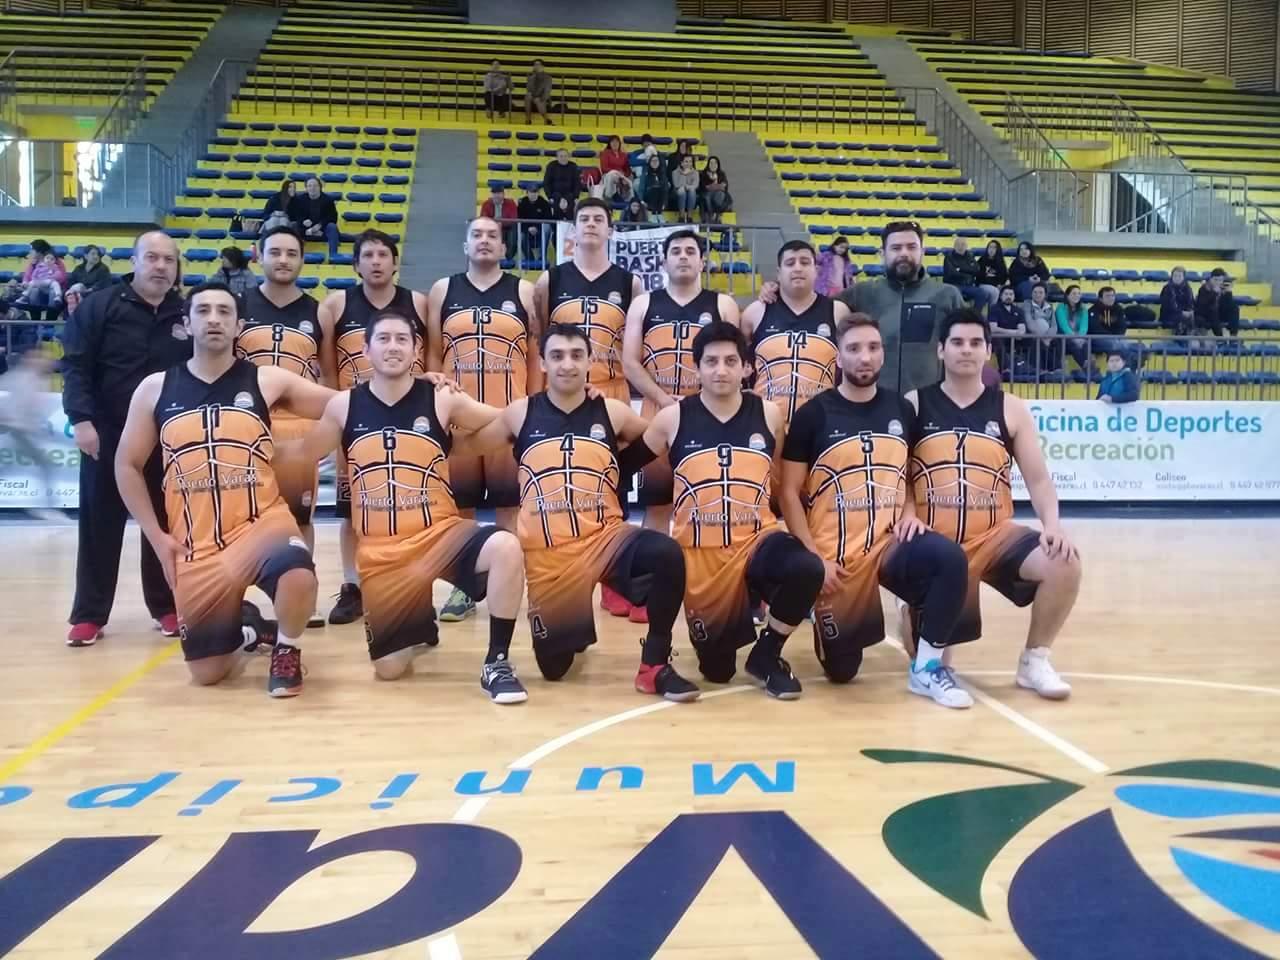 Diario Puerto Varas Arrancó campeonato Copa Puerto Basket